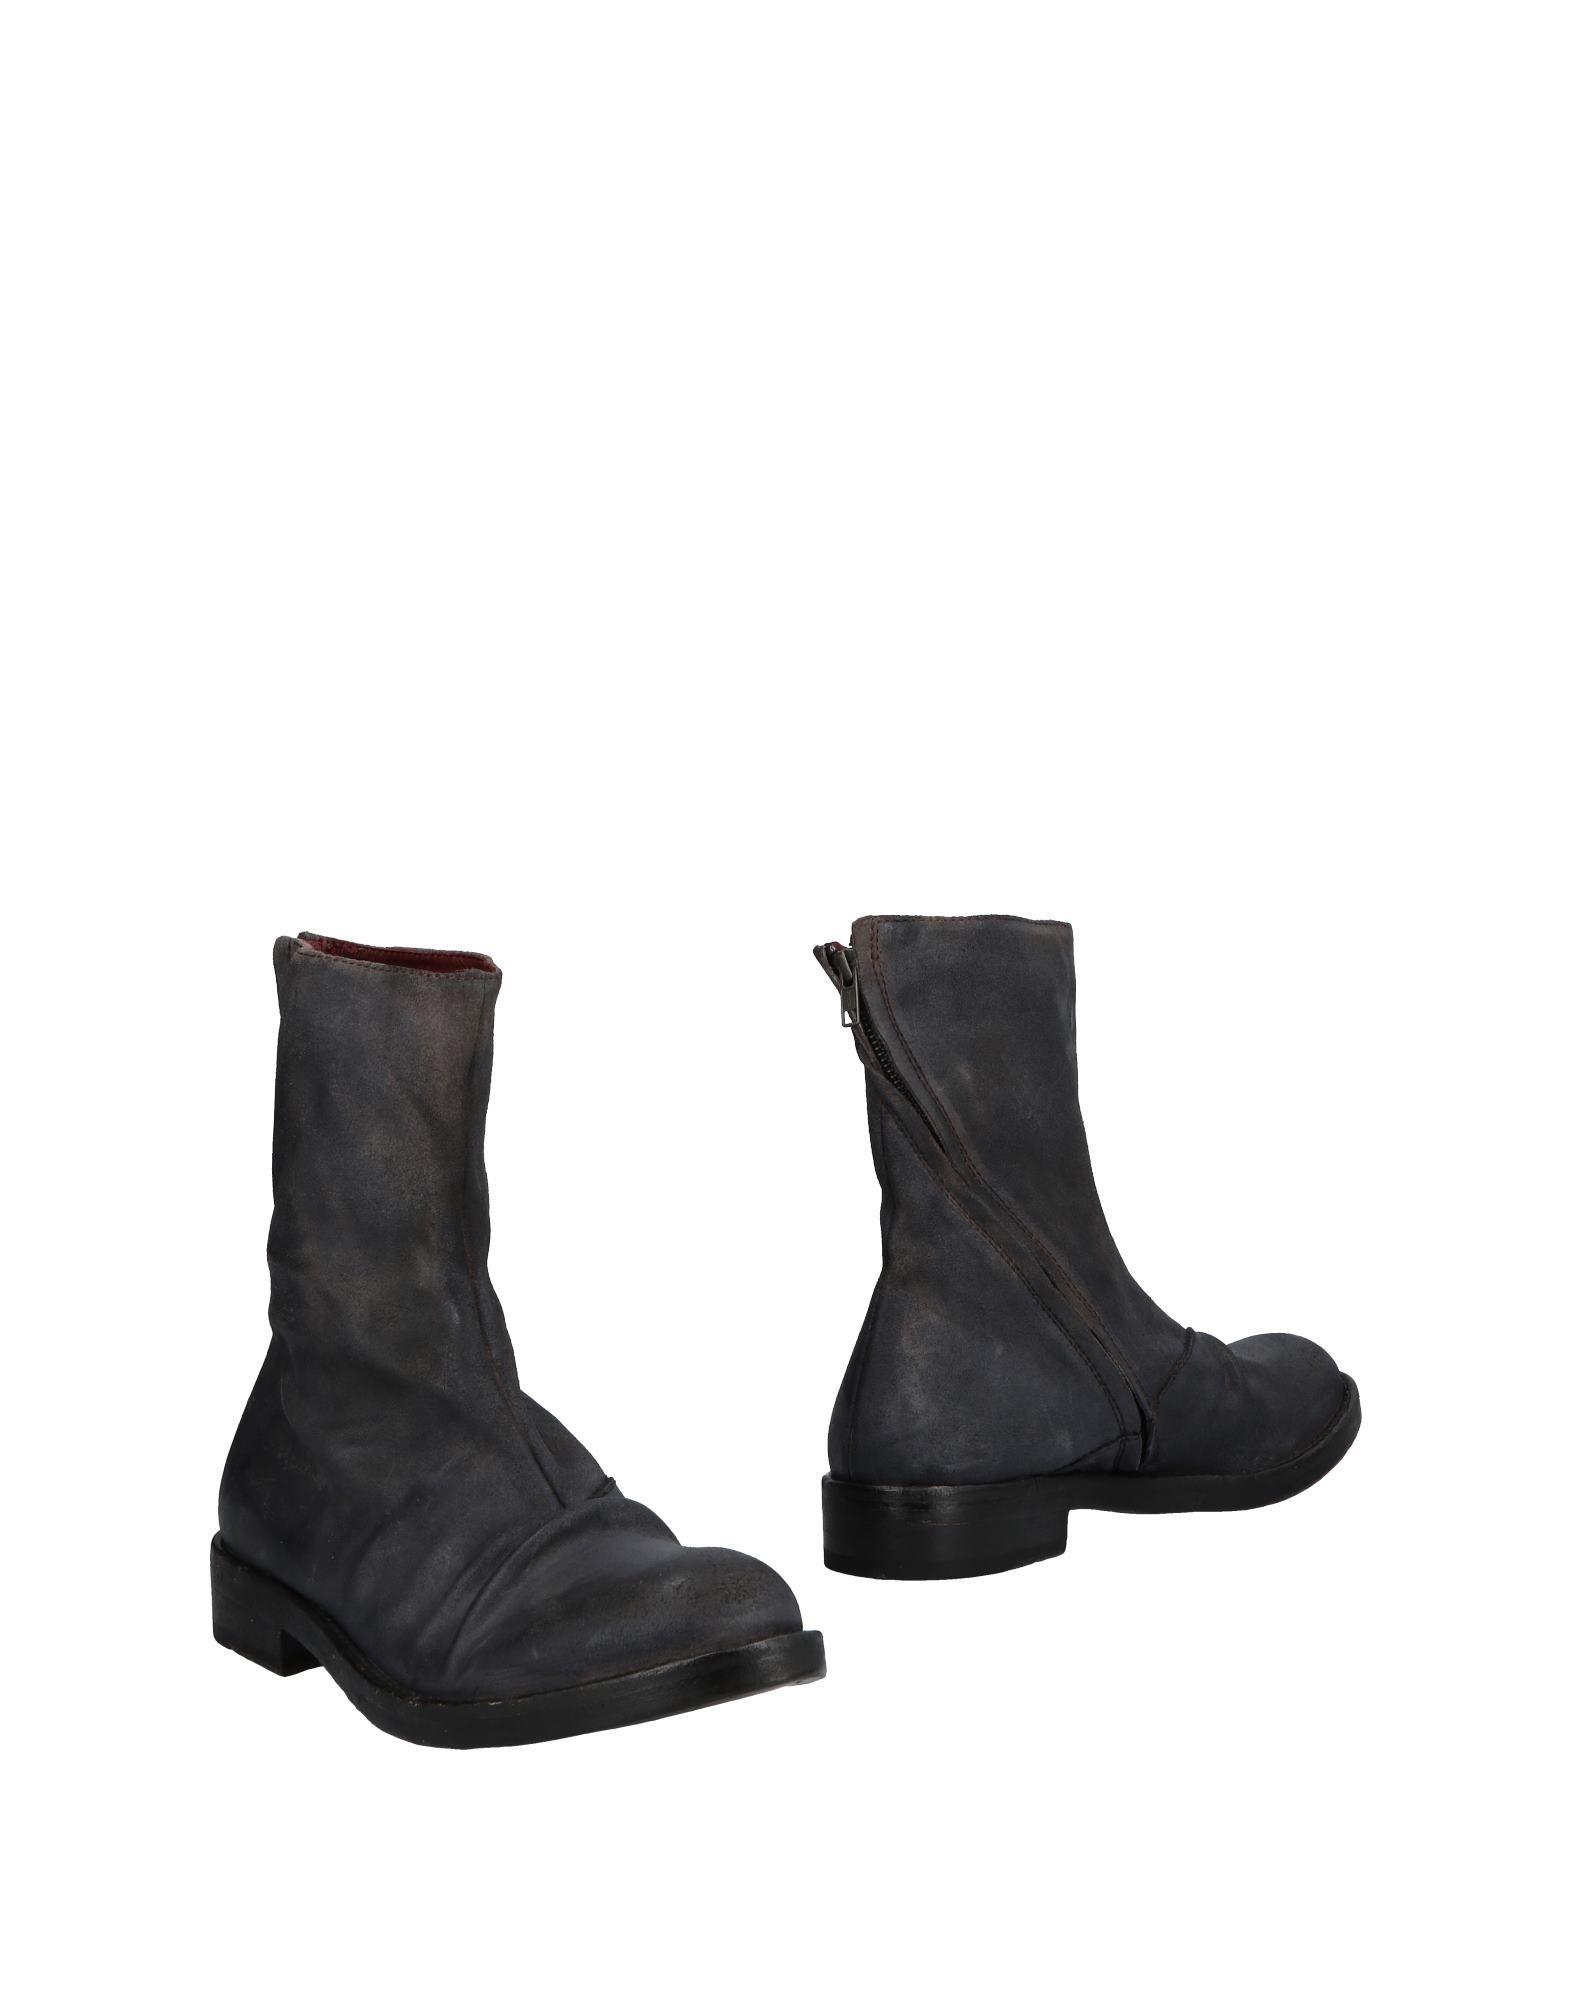 Giorgio Brato Gute Stiefelette Herren  11482563FQ Gute Brato Qualität beliebte Schuhe cb0d92